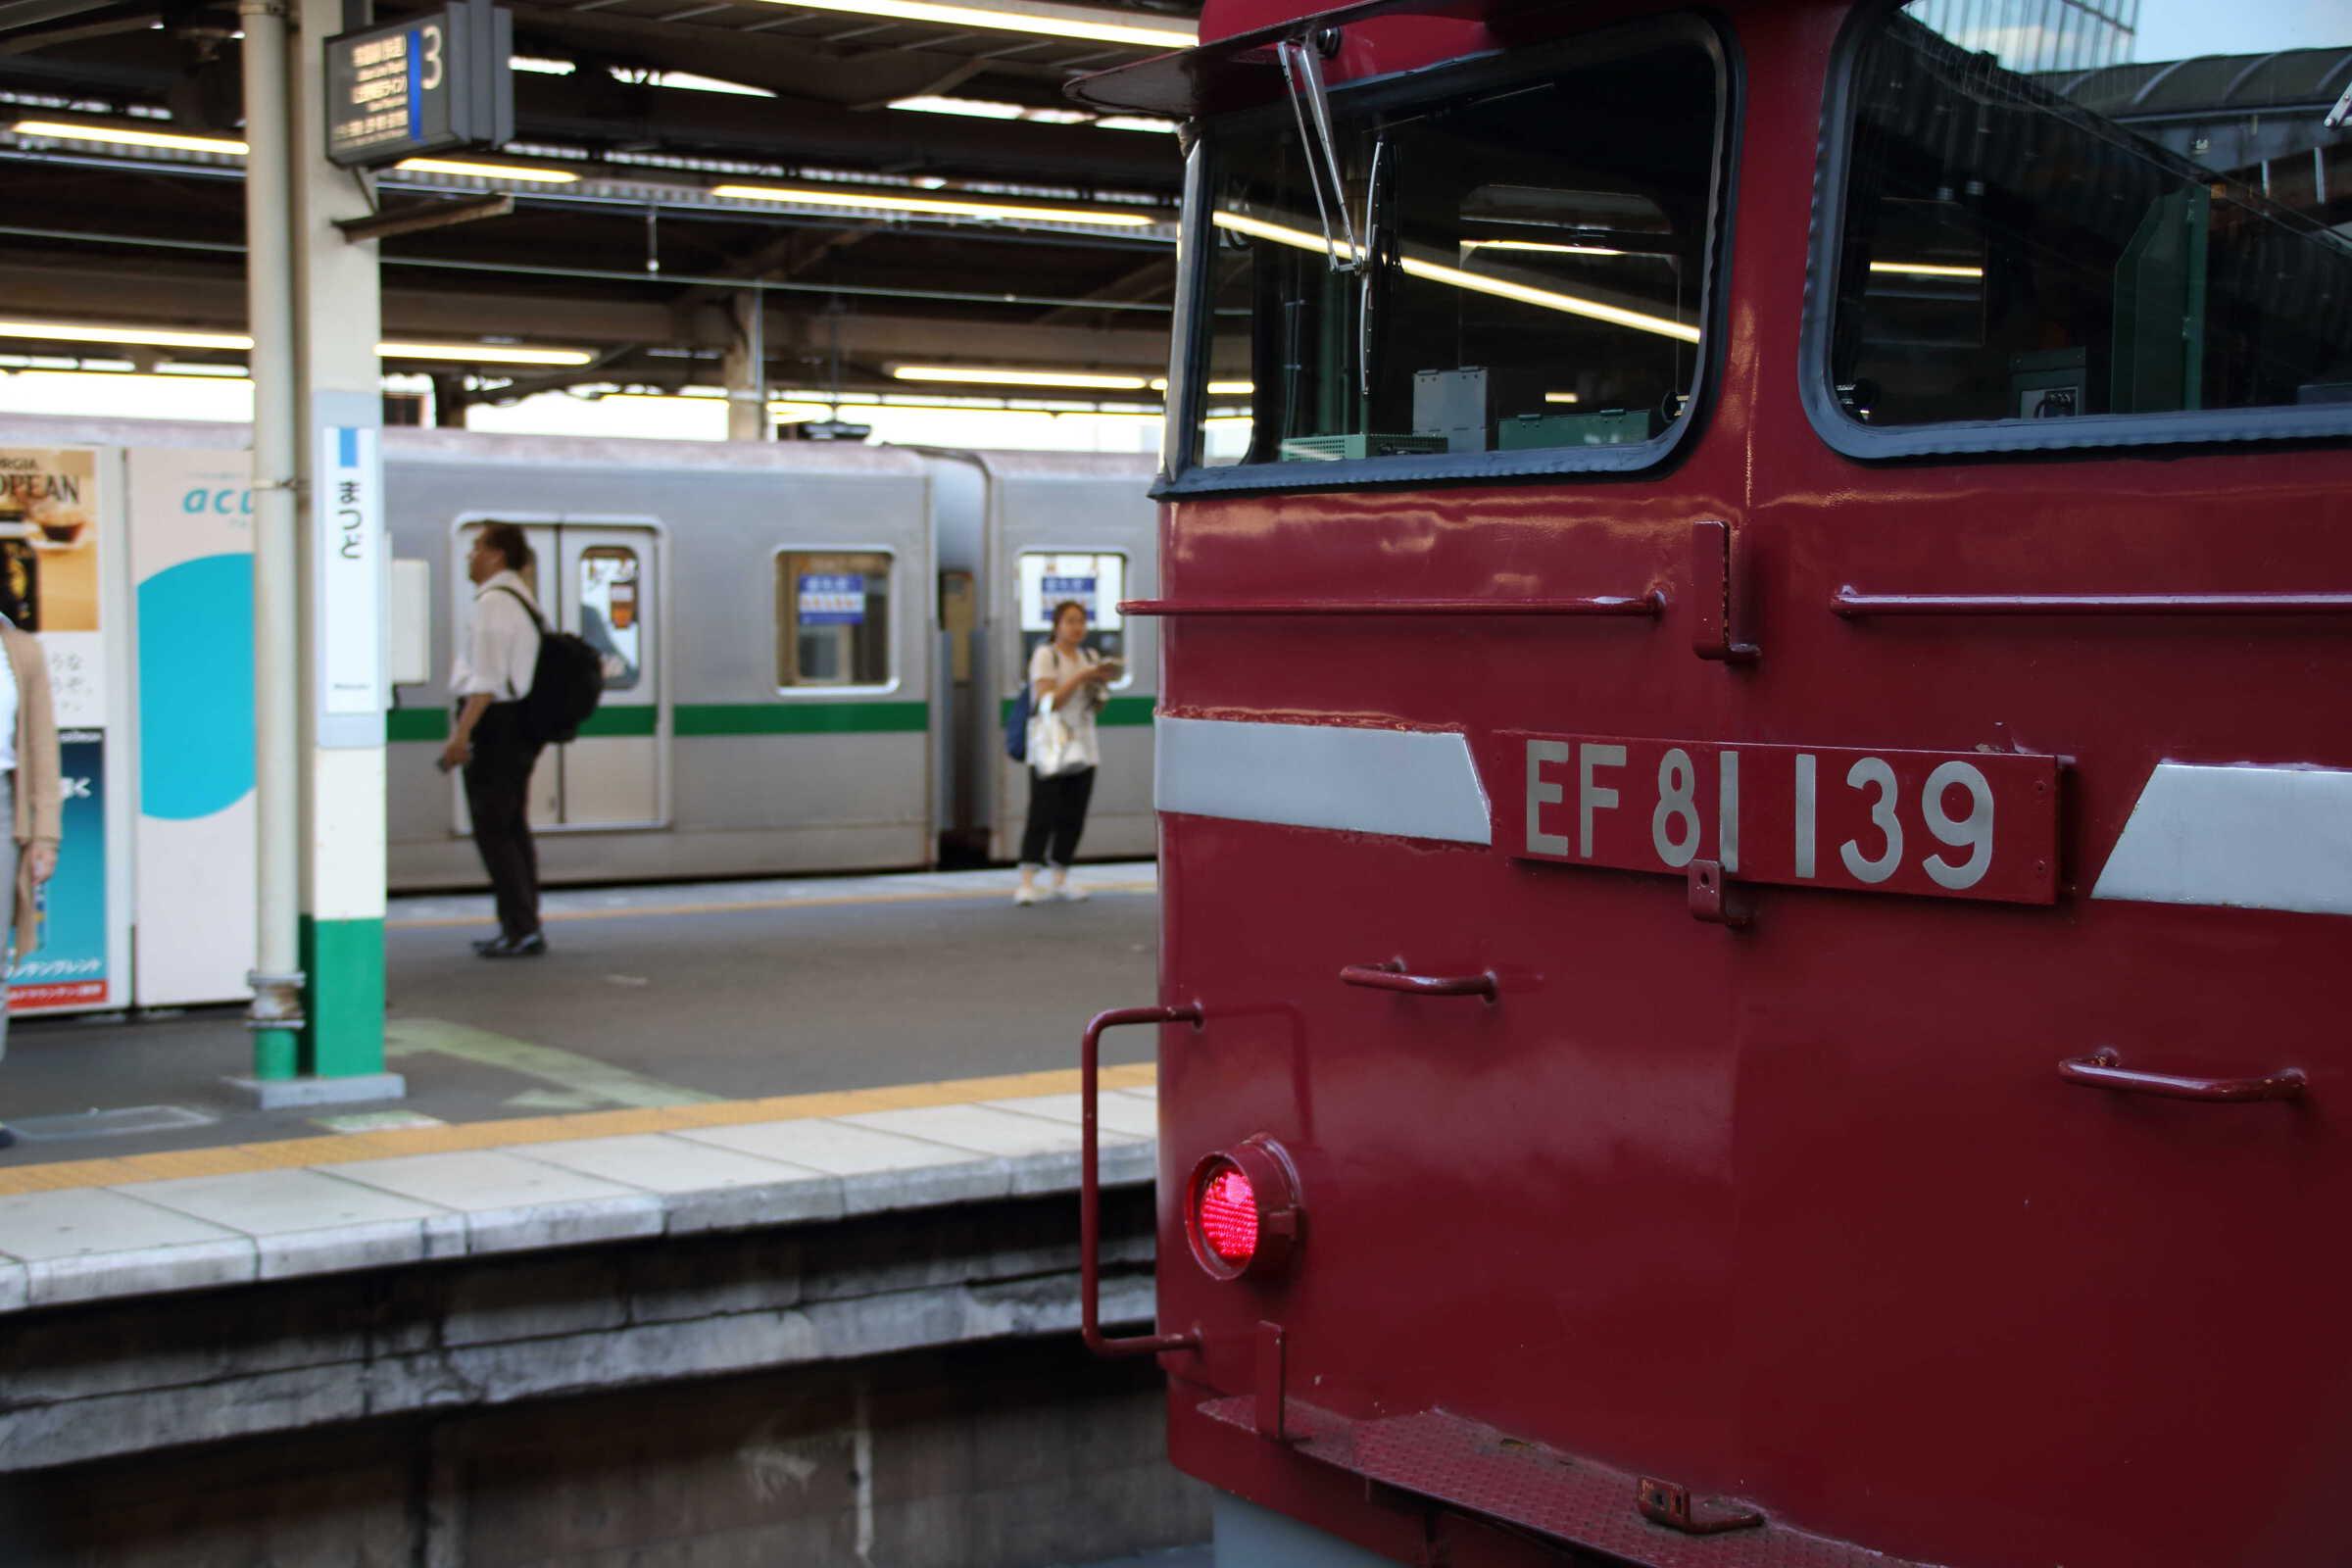 入換〜単9934列車 OM出場配給牽引機返却 EF81-139①[田]